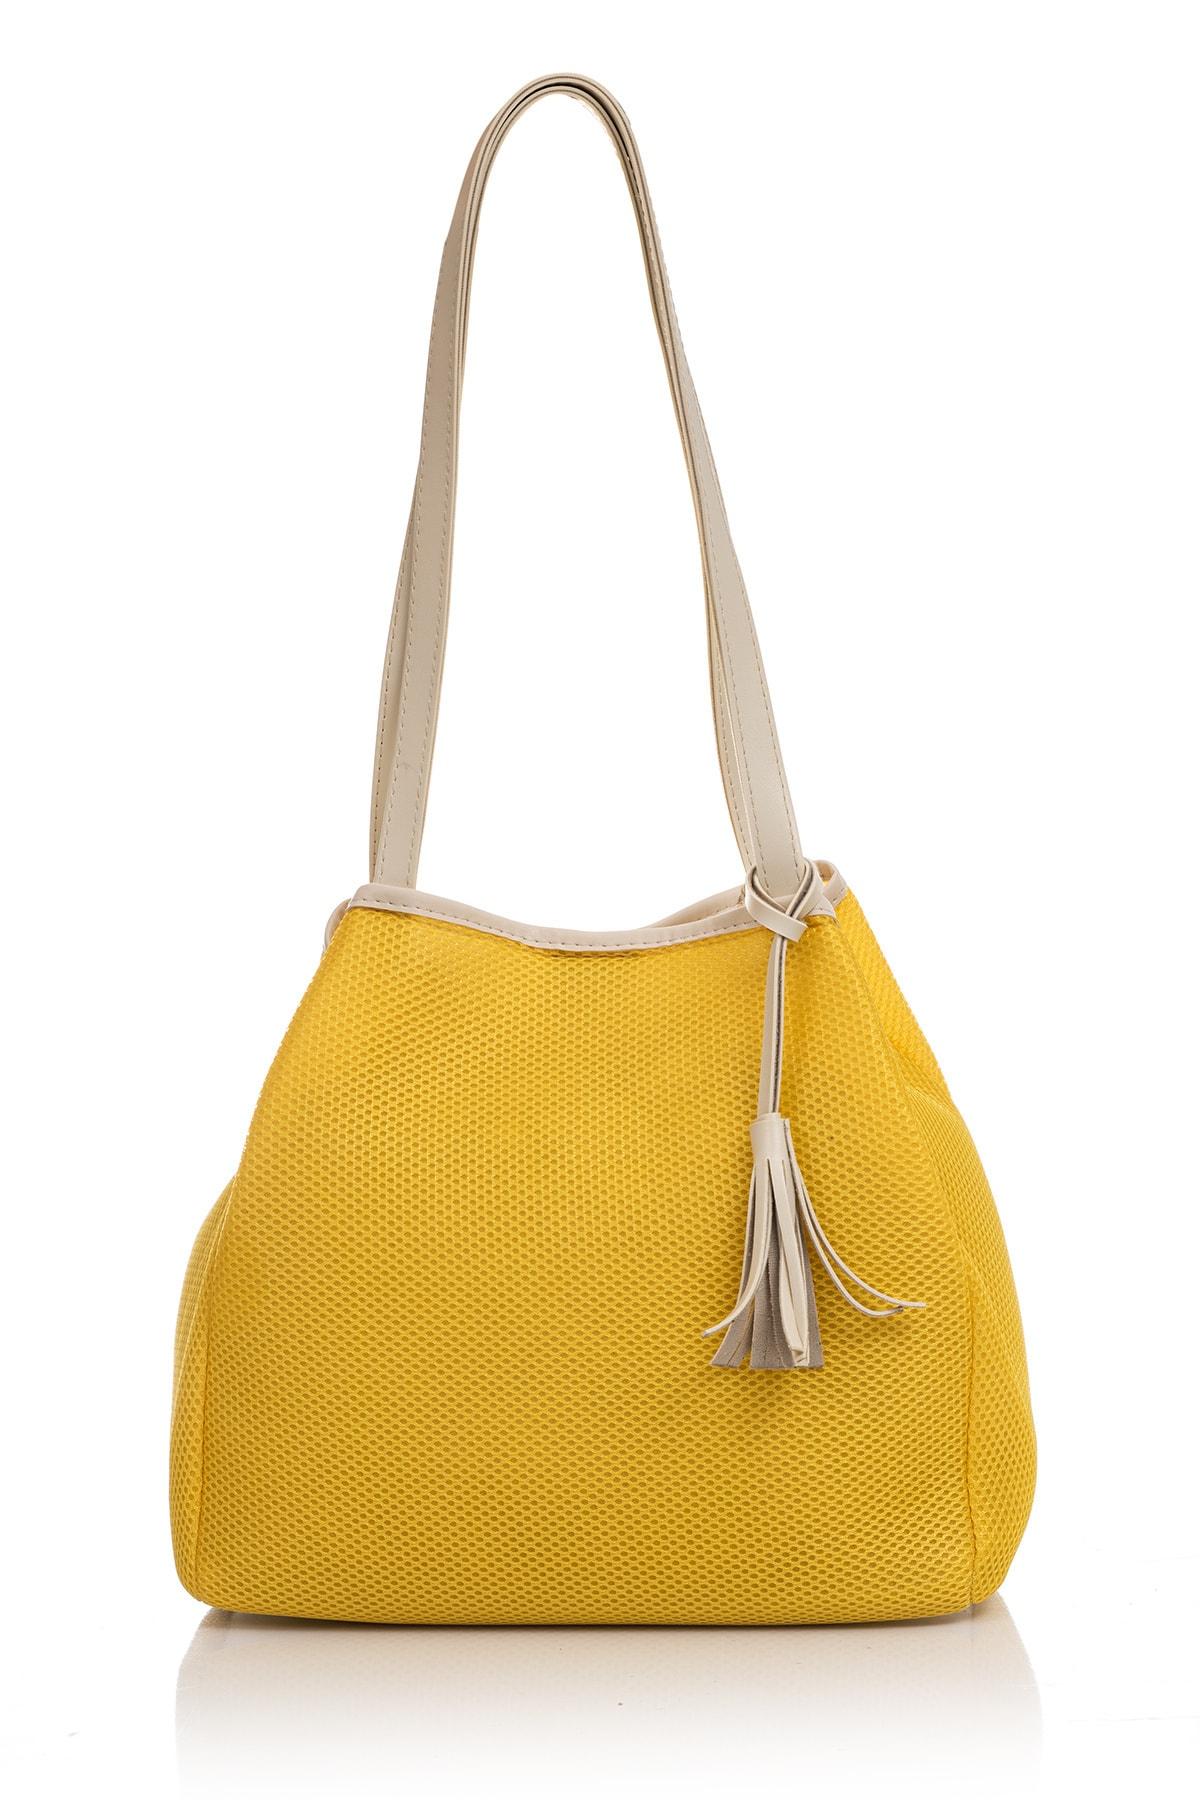 Tonny Black Kadın Çanta Sarı Beyaz Tbc05 2